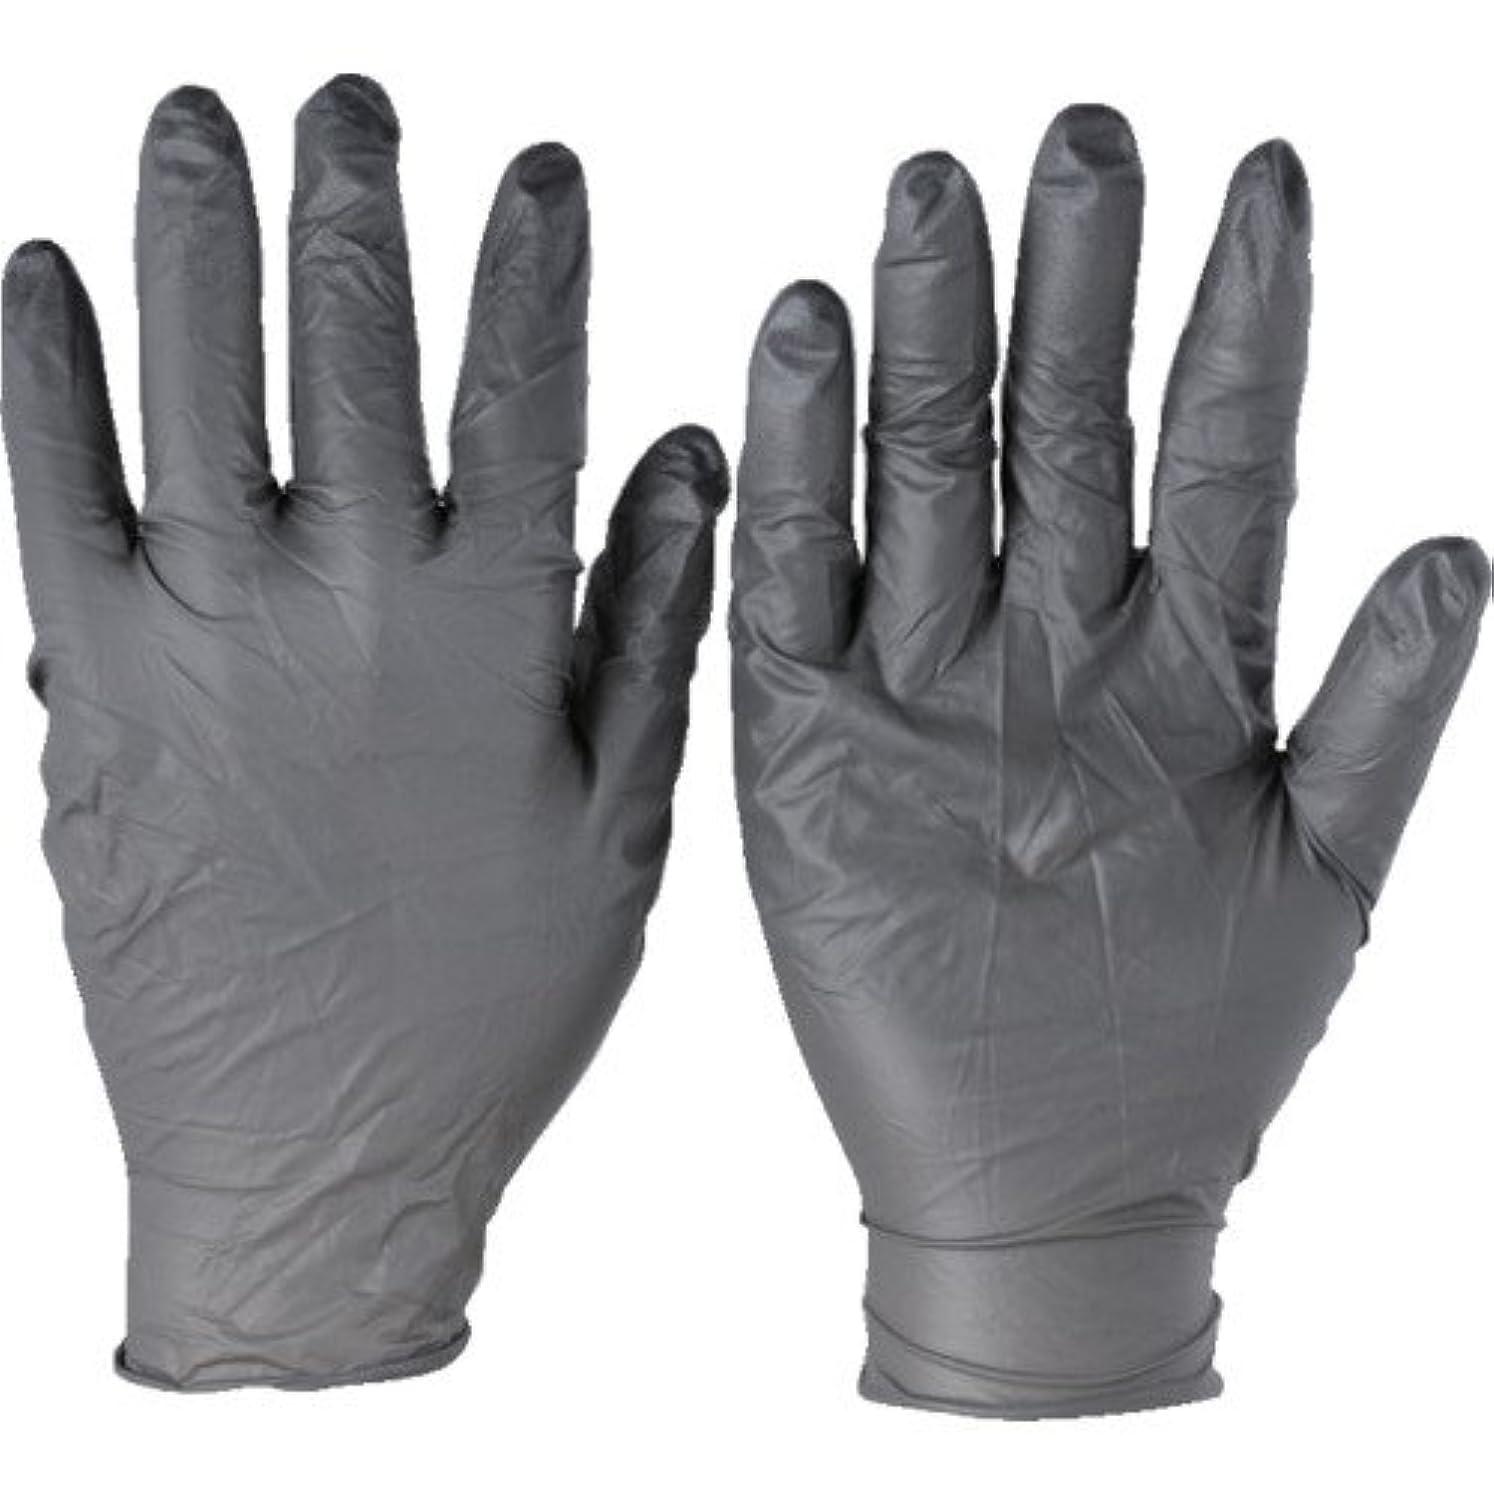 同意余剰整然としたトラスコ中山 アンセル ニトリルゴム使い捨て手袋 タッチエヌタフ 粉無 Lサイズ 100枚入 932509